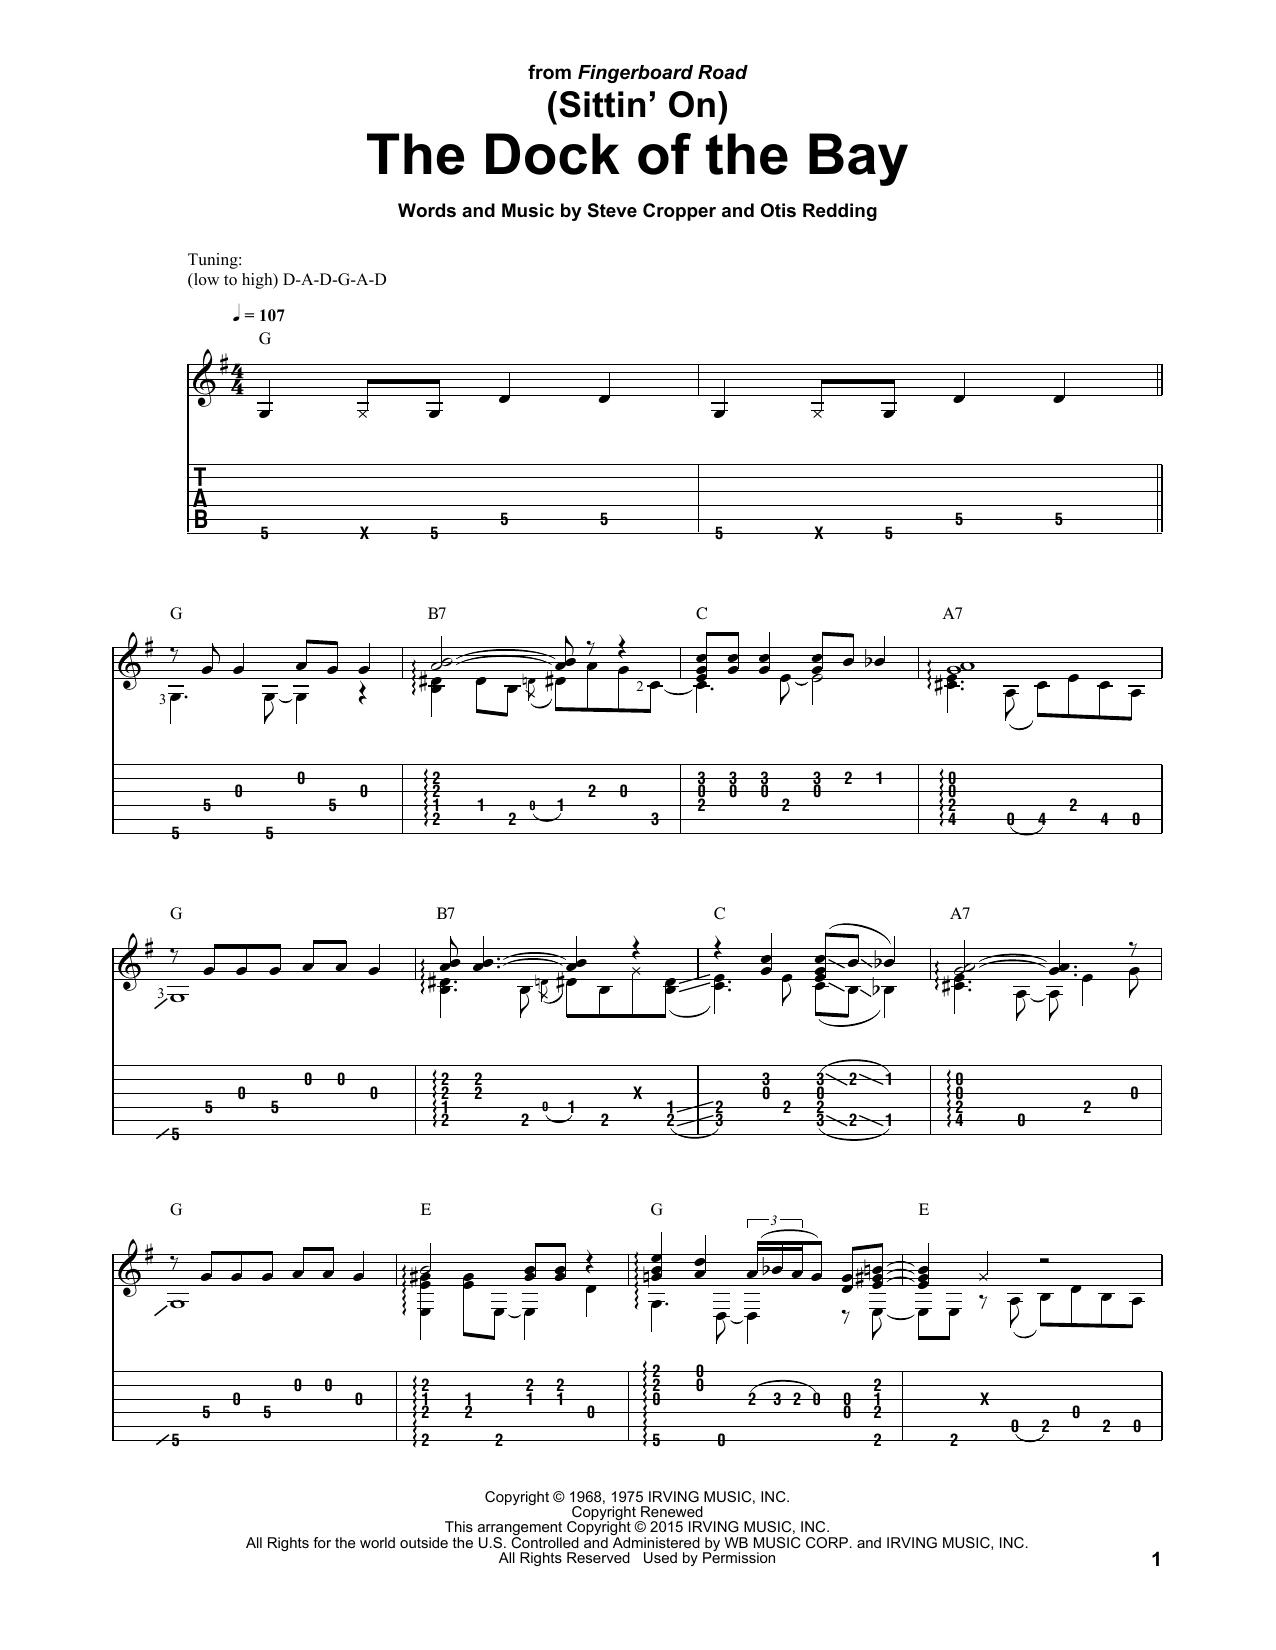 Otis Redding Sittin' On The Dock Of The Bay Sheet Music Notes, Chords    Download Printable Guitar Tab PDF Score   SKU 15